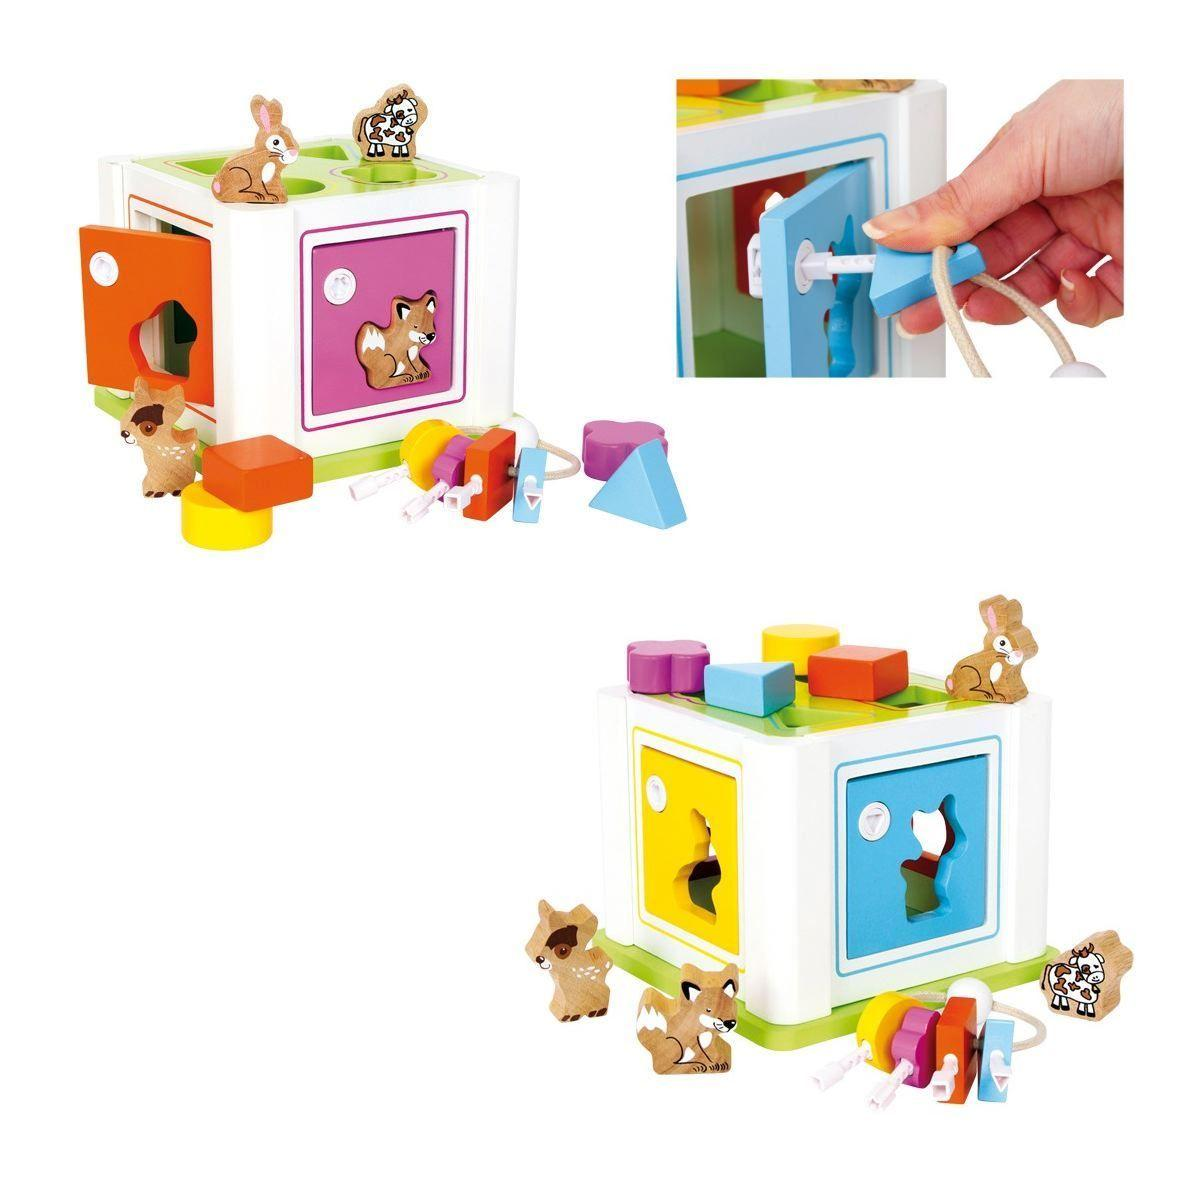 Box cubo ad incastro con animali e forme gioco x bambini in legno